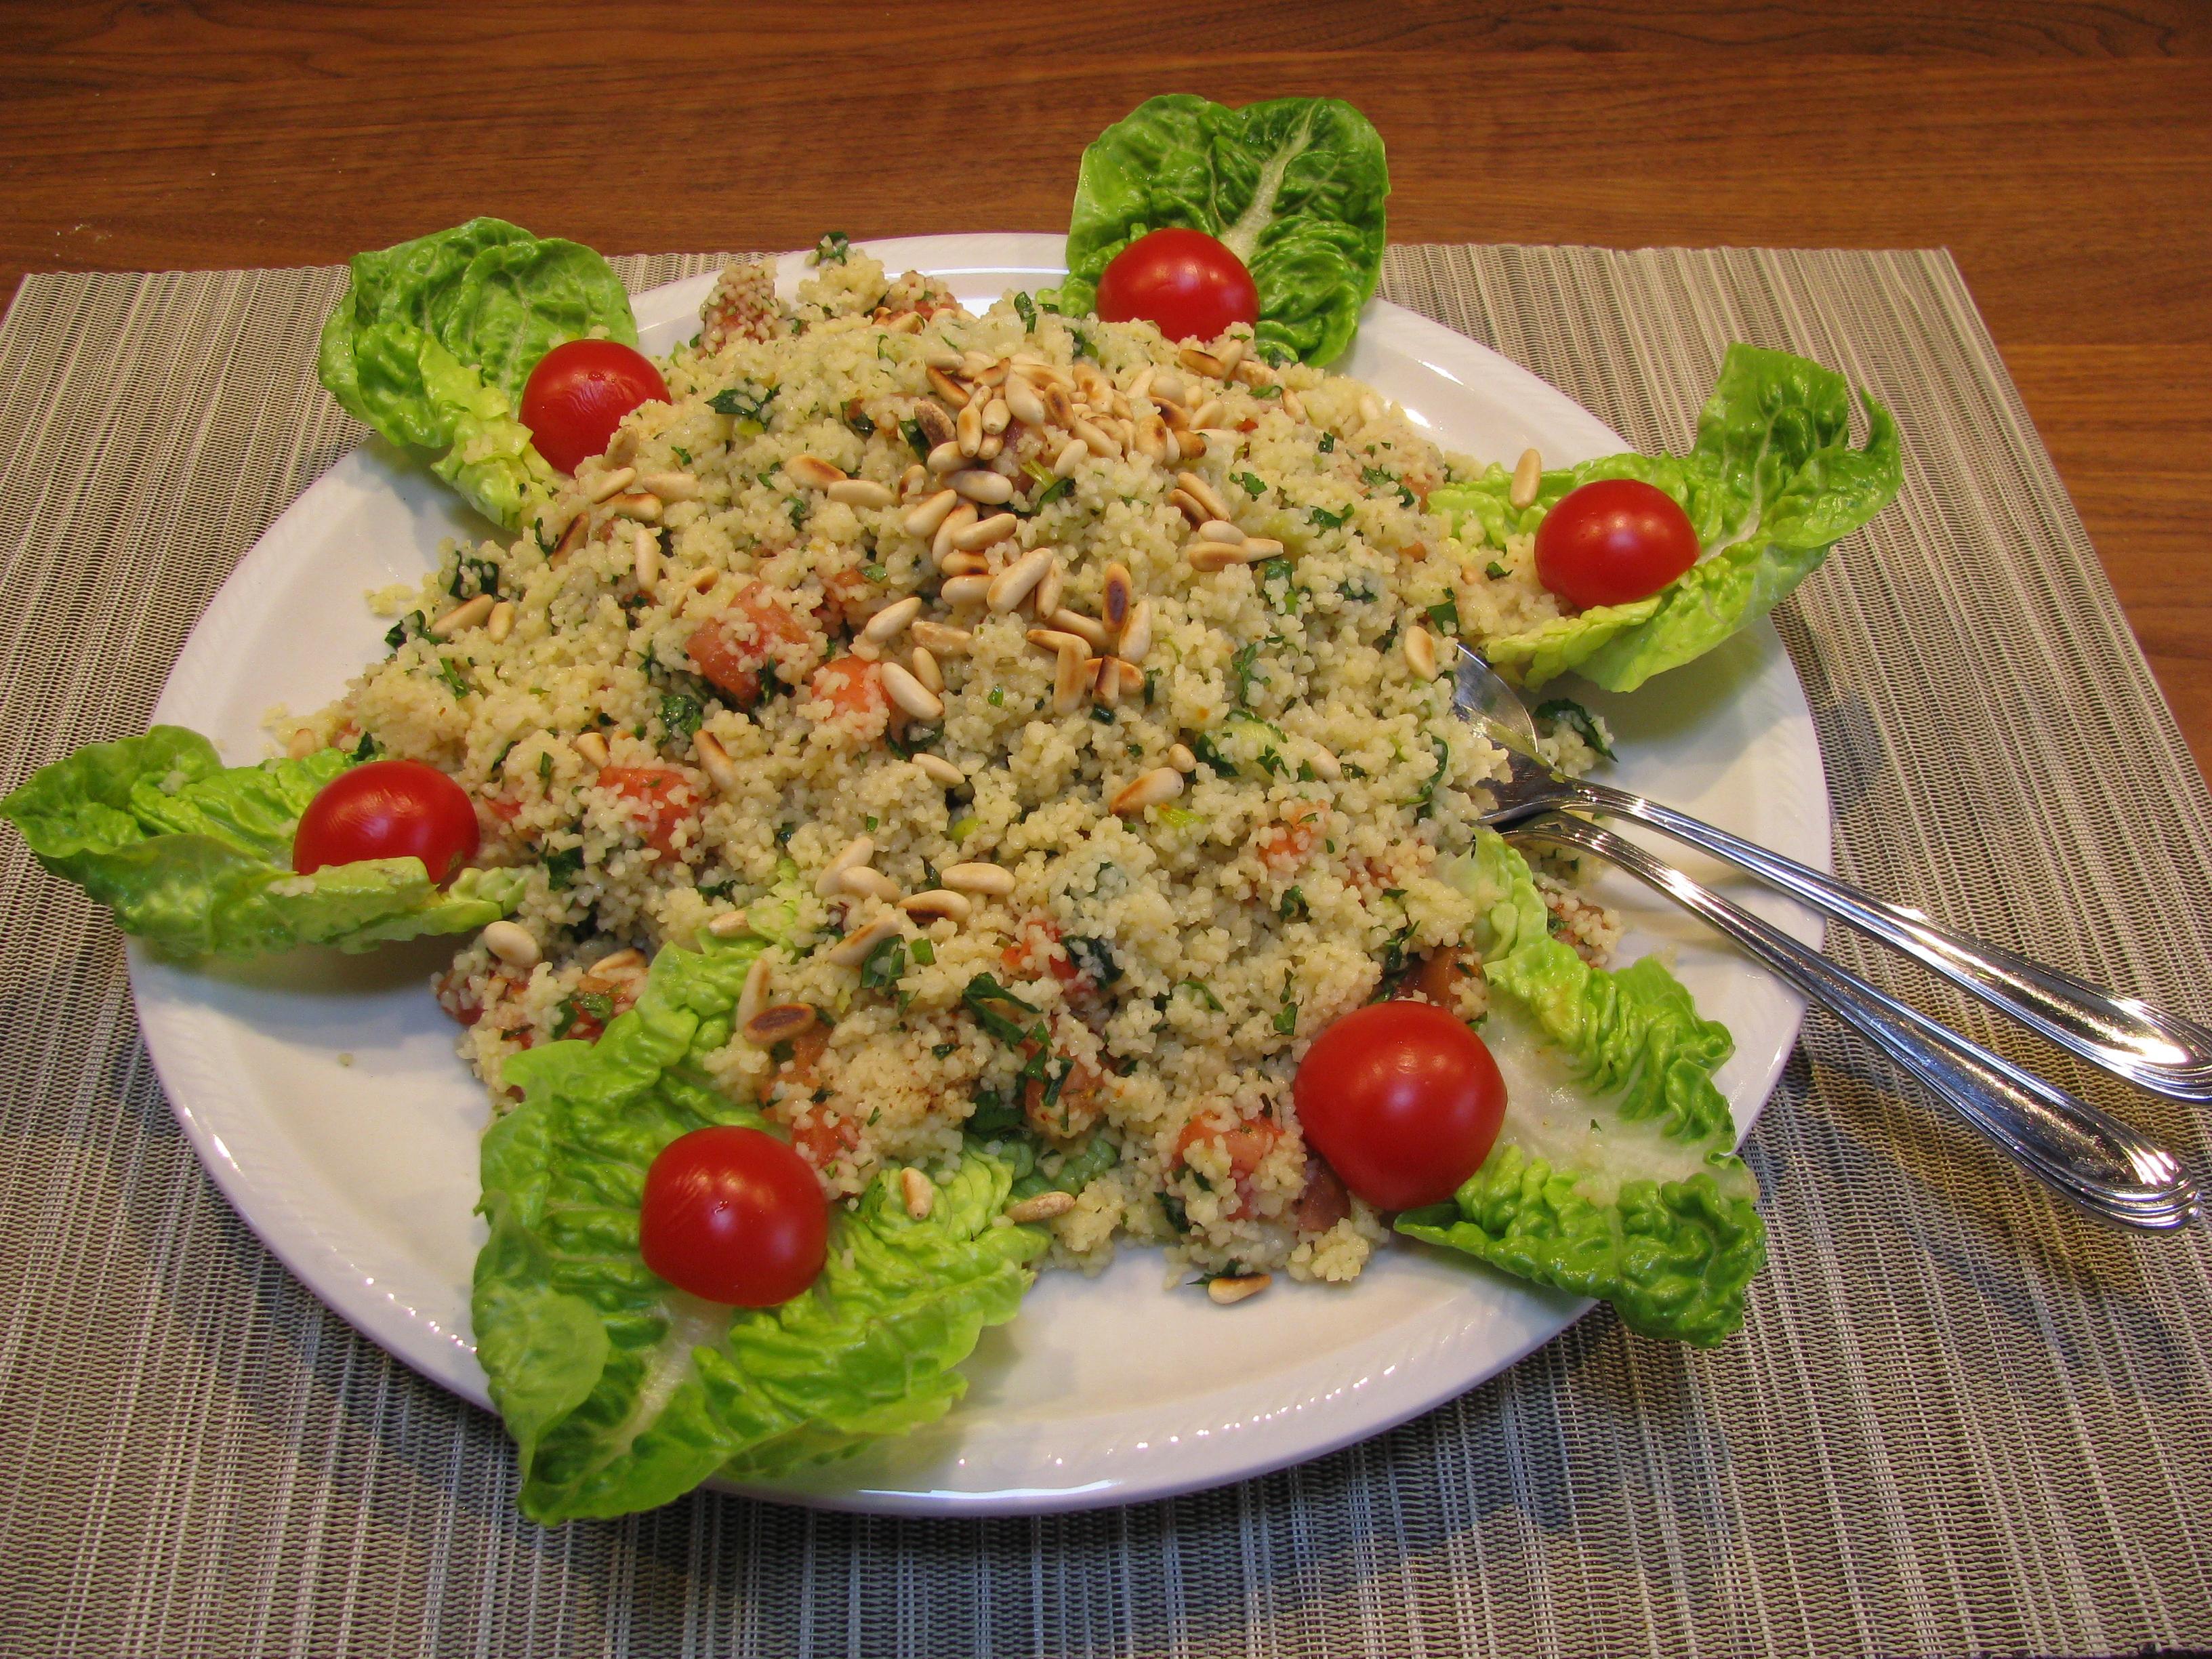 Bild vom fertigen Couscous Salat zum passenden Rezept